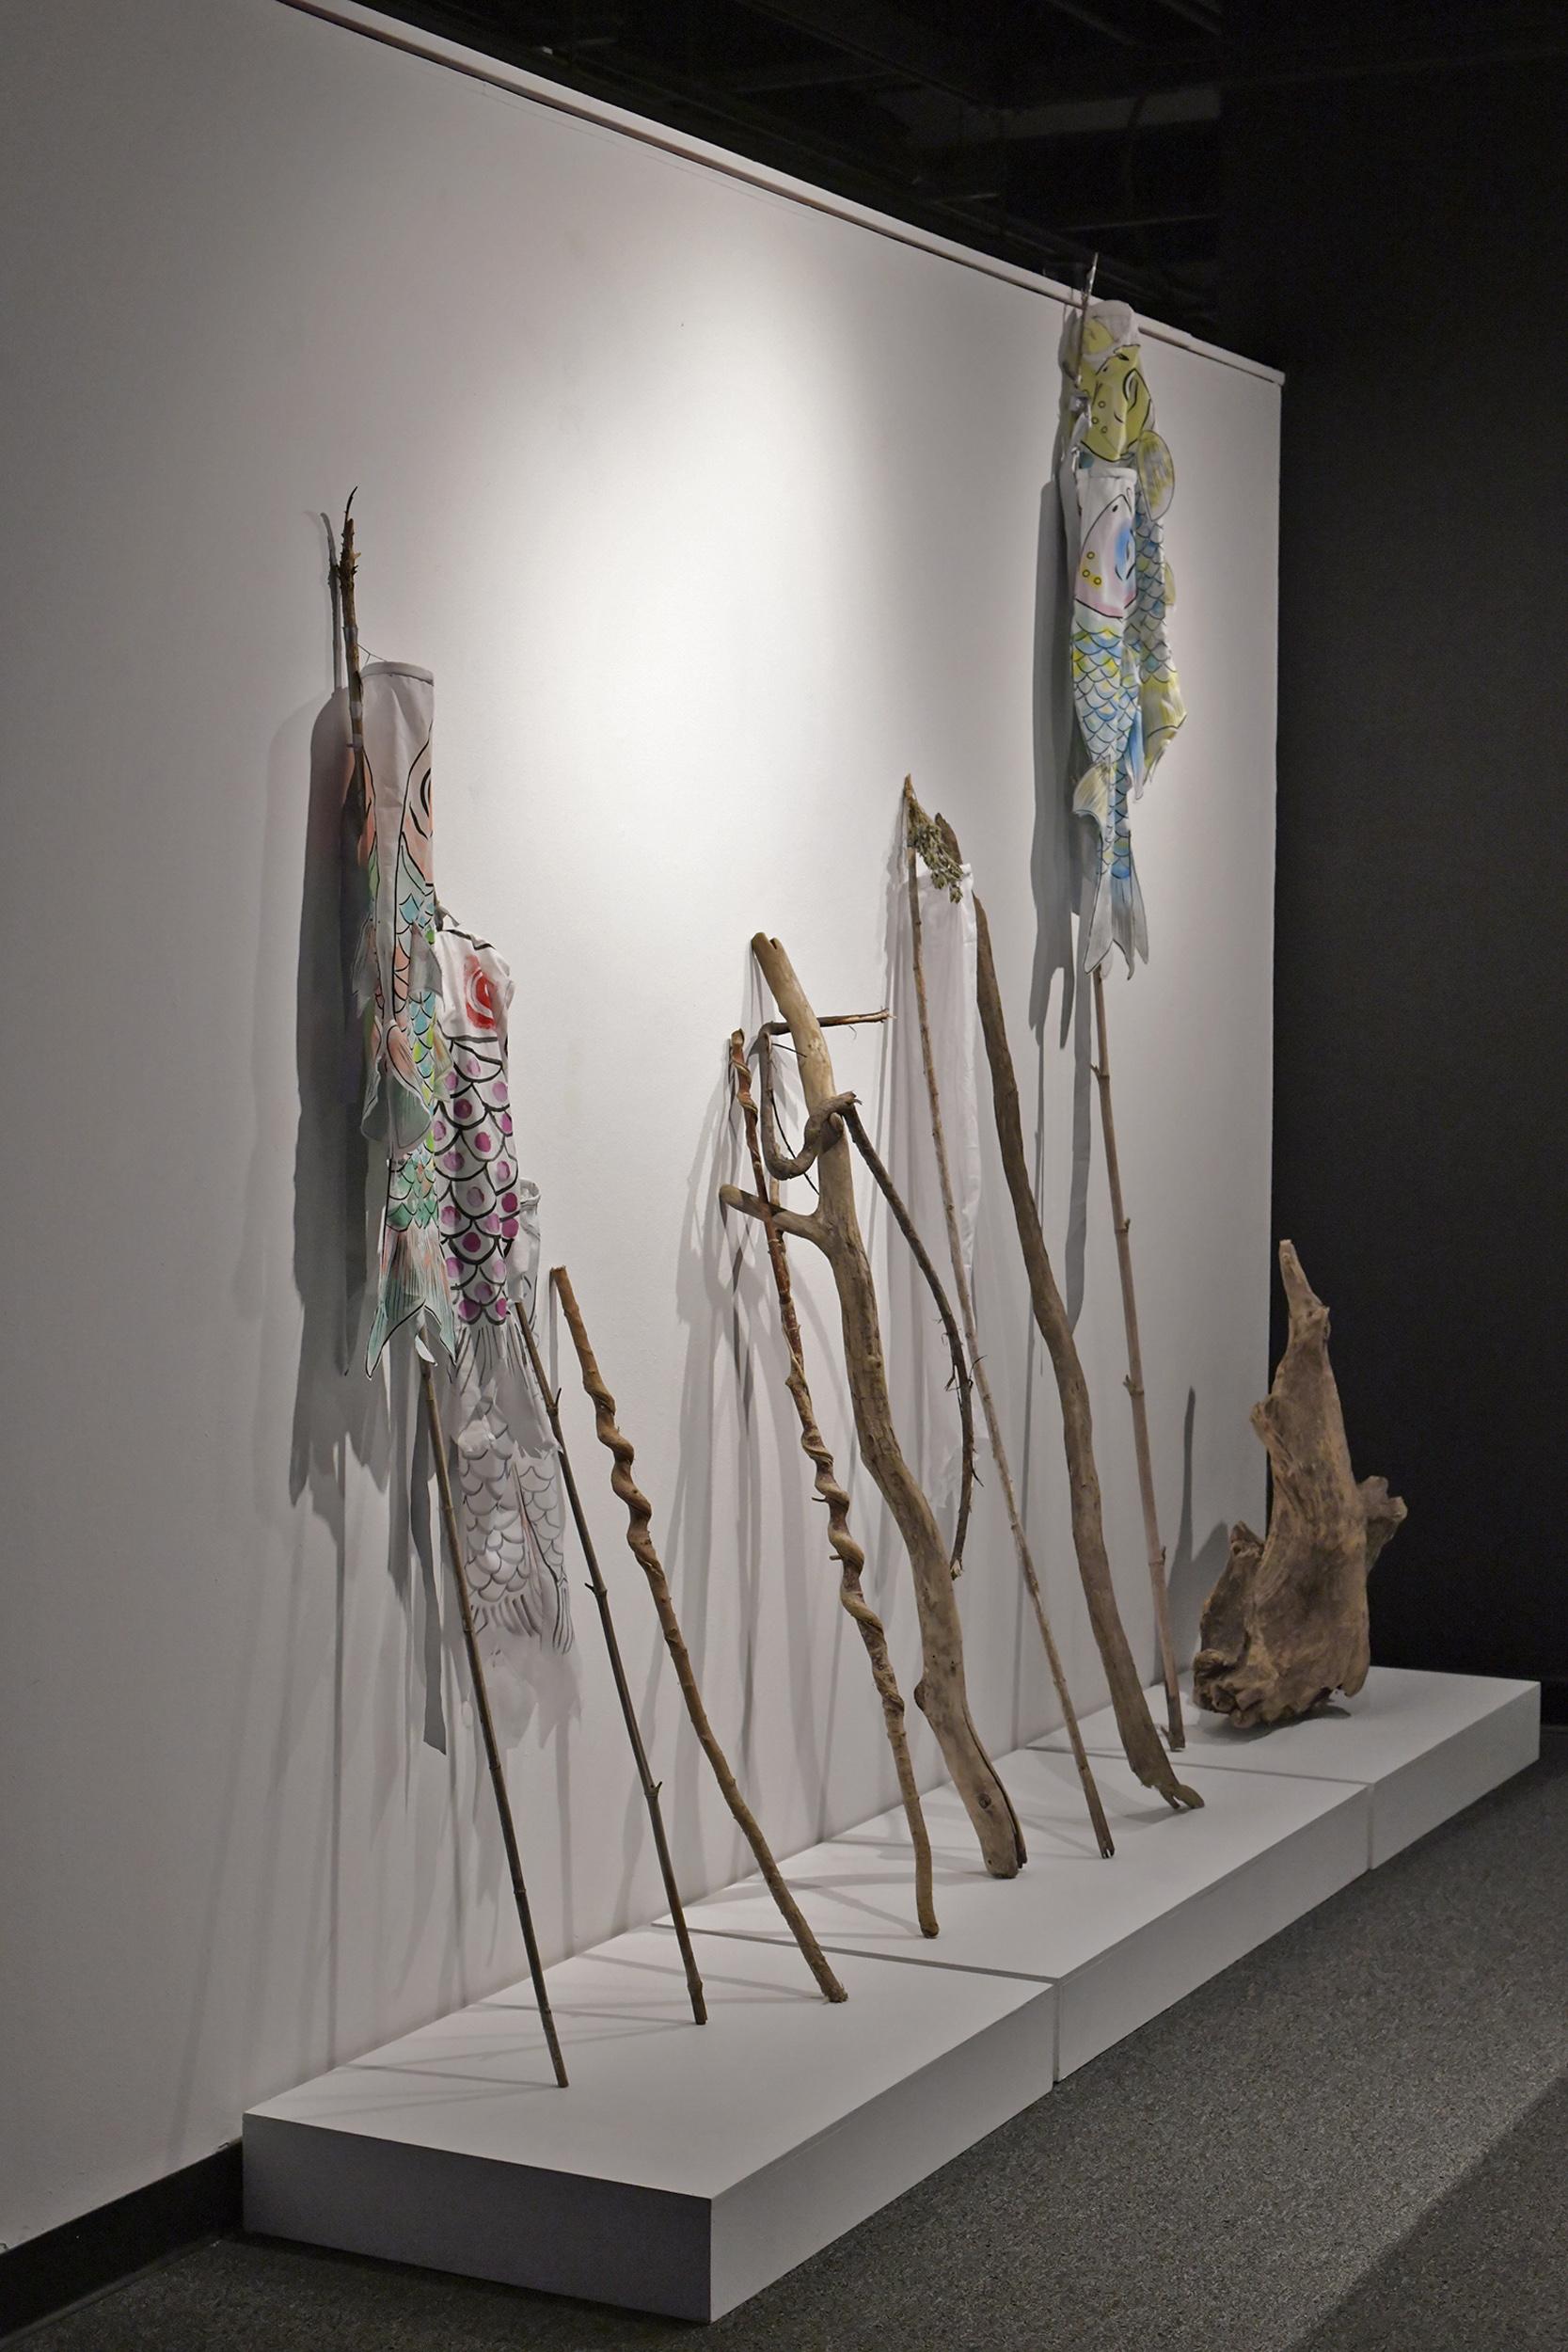 Carp Kites + Driftwood